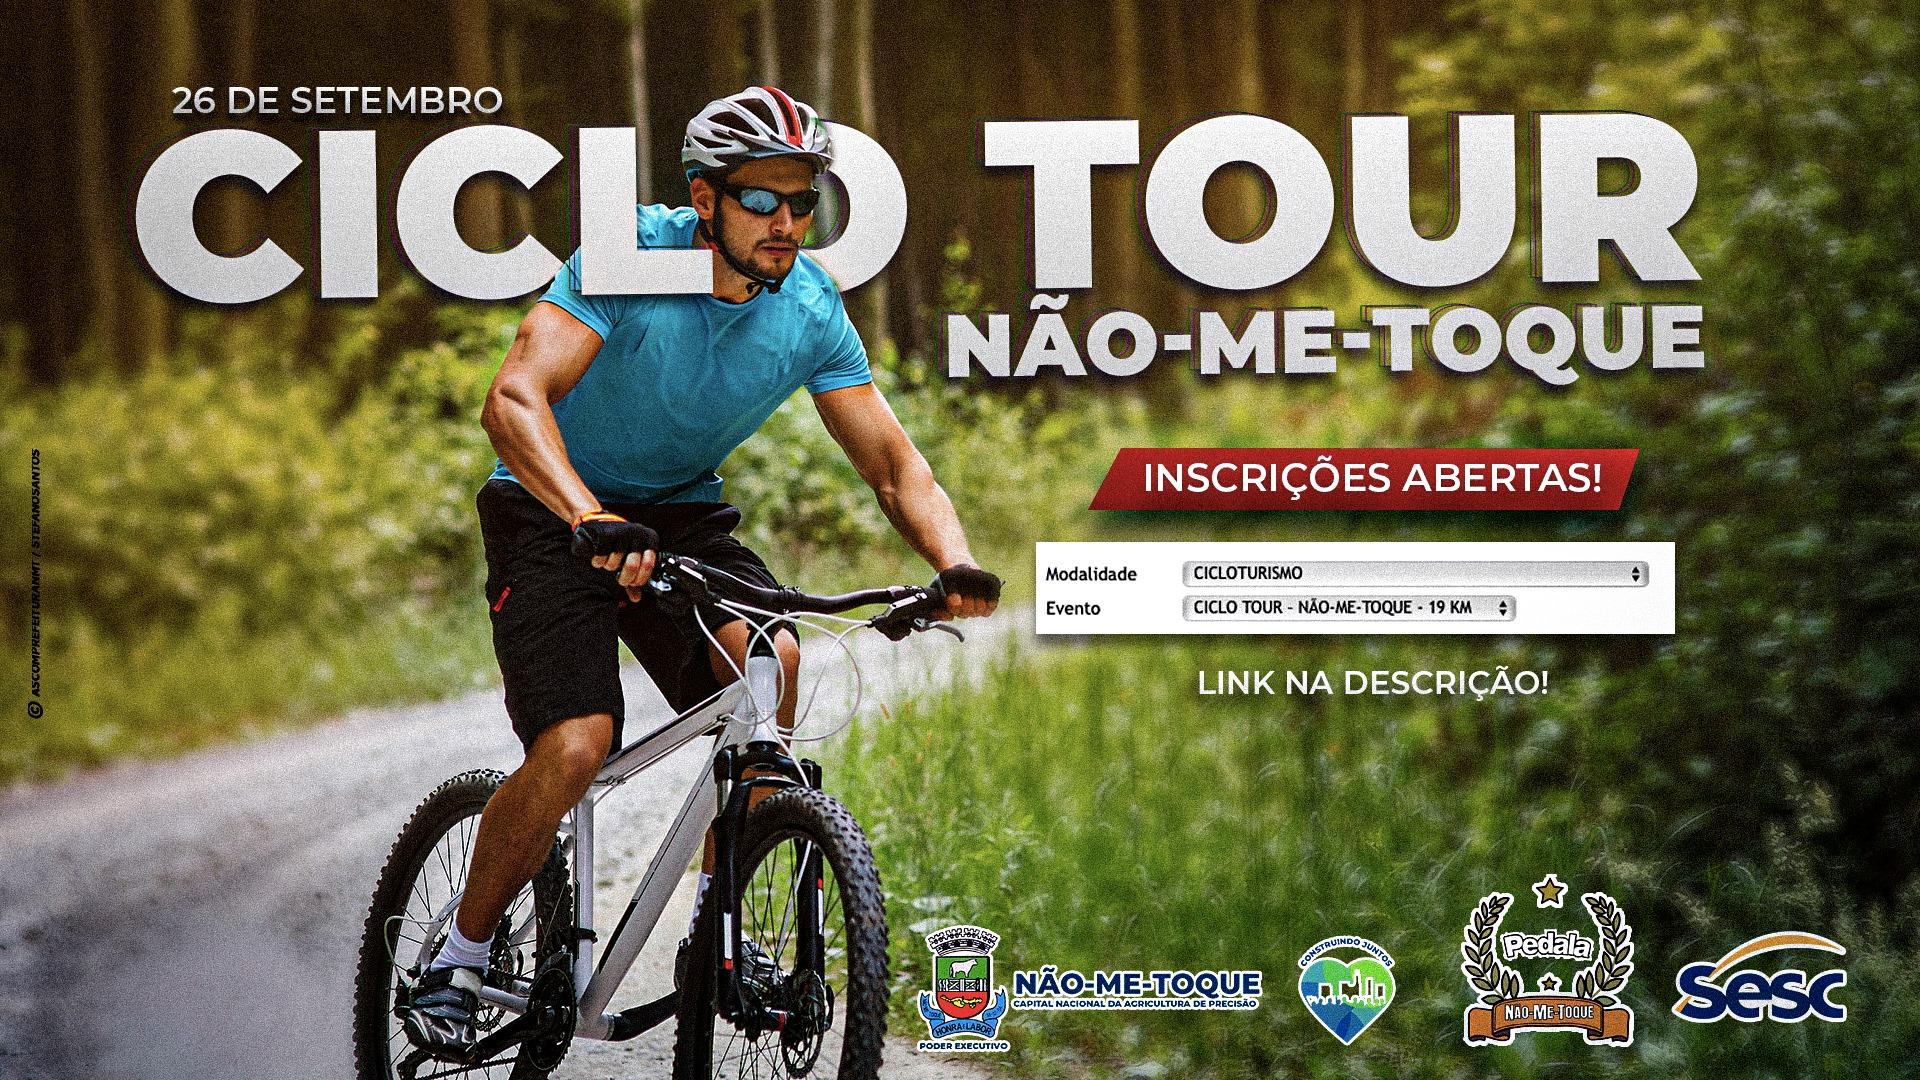 Sesc realiza em setembro evento de ciclismo e turismo em Não-Me-Toque